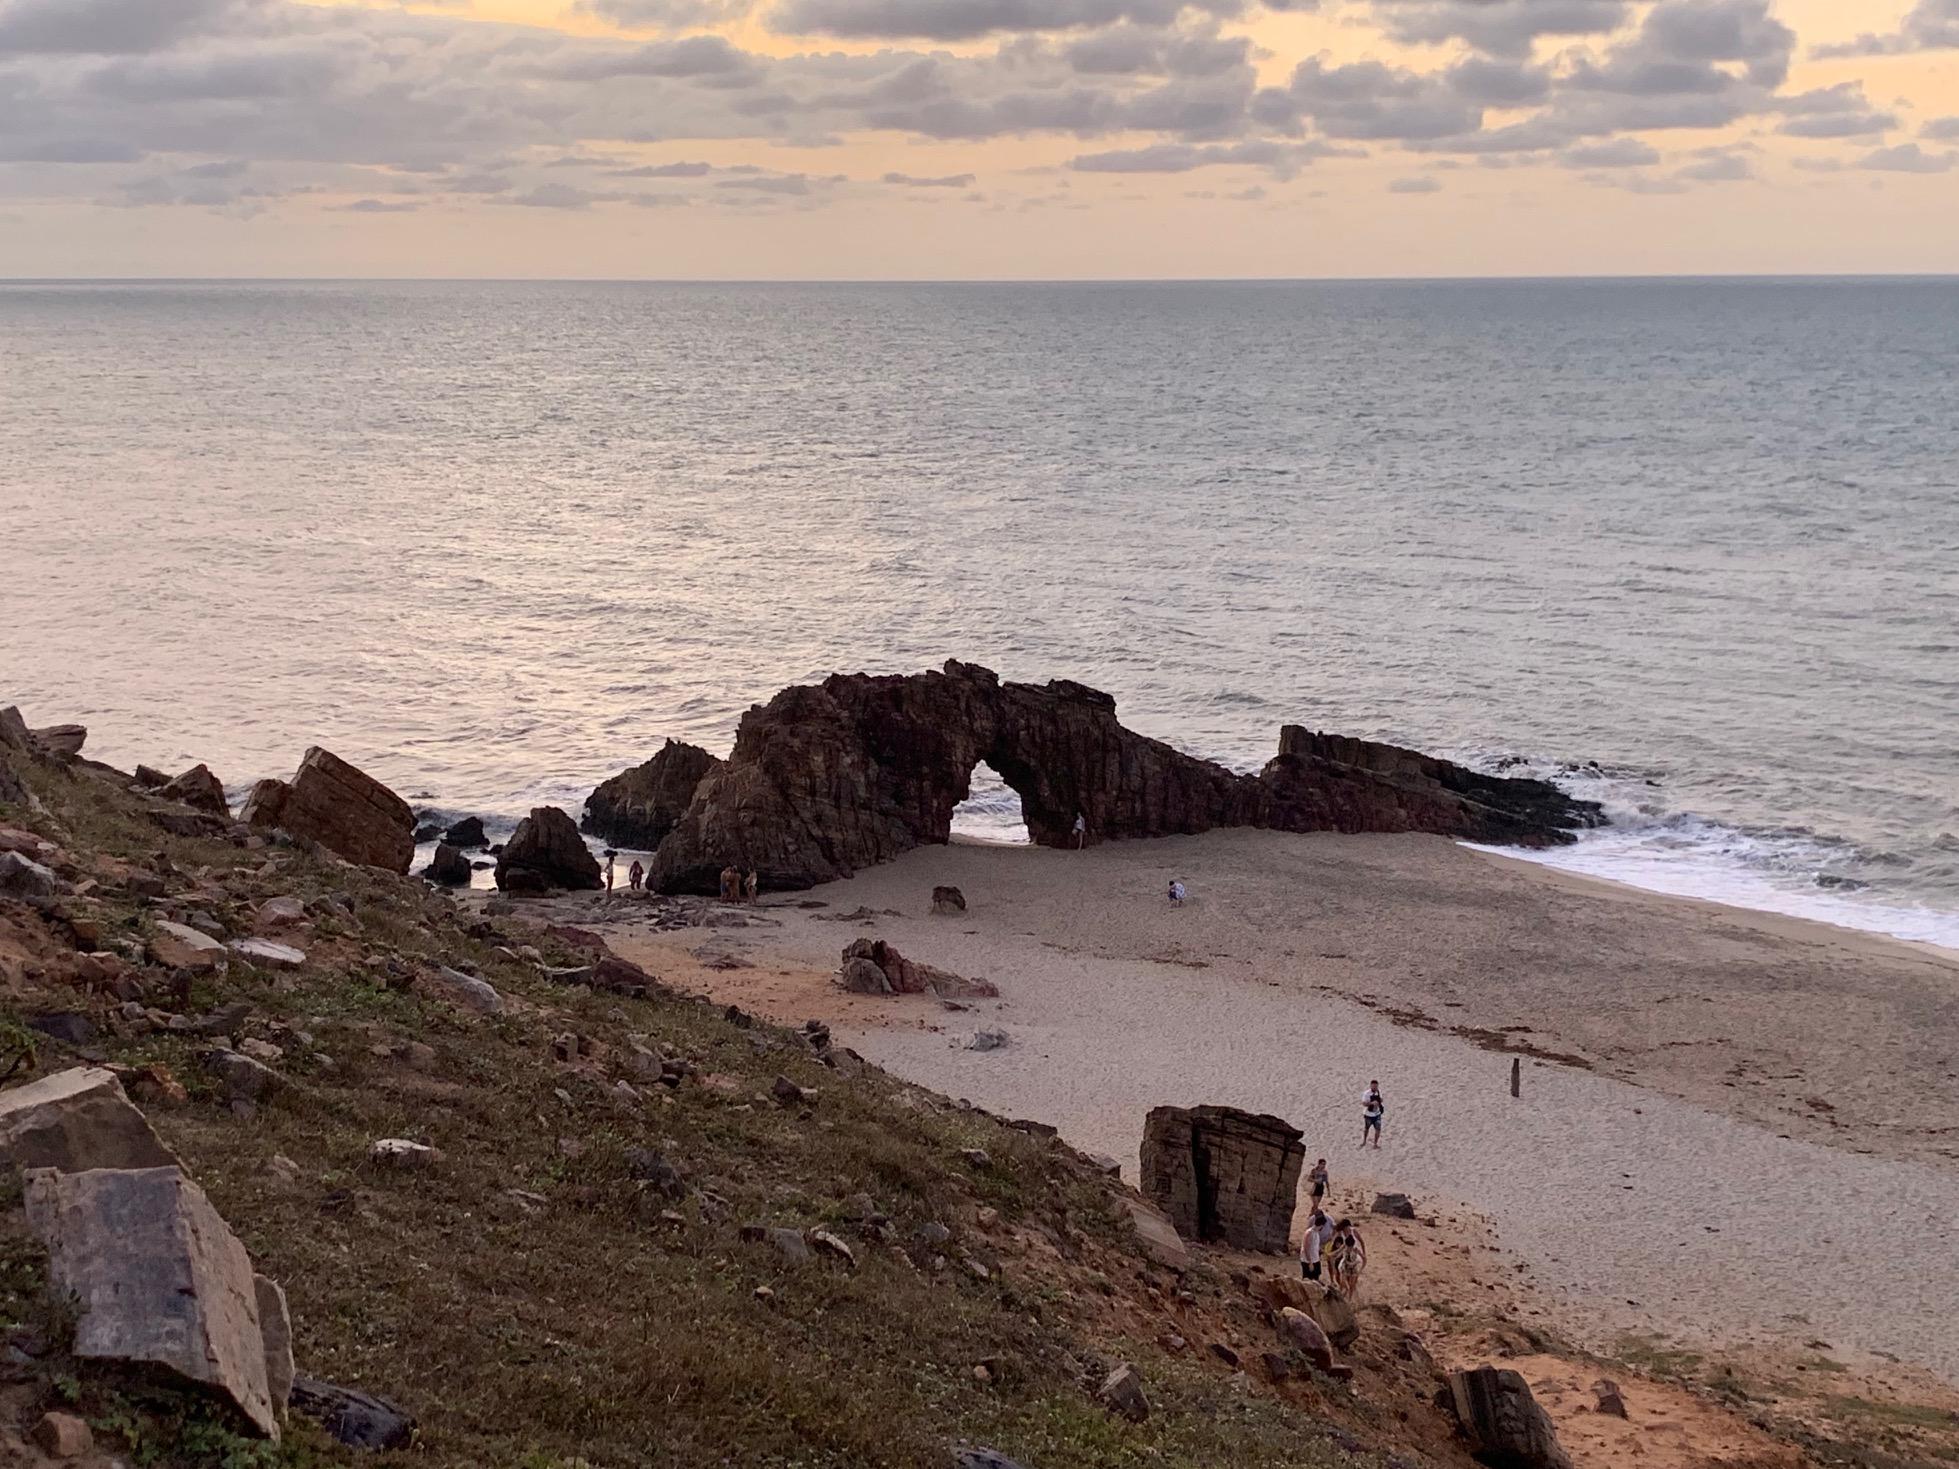 Playa Pedra Furada Jericoacoara